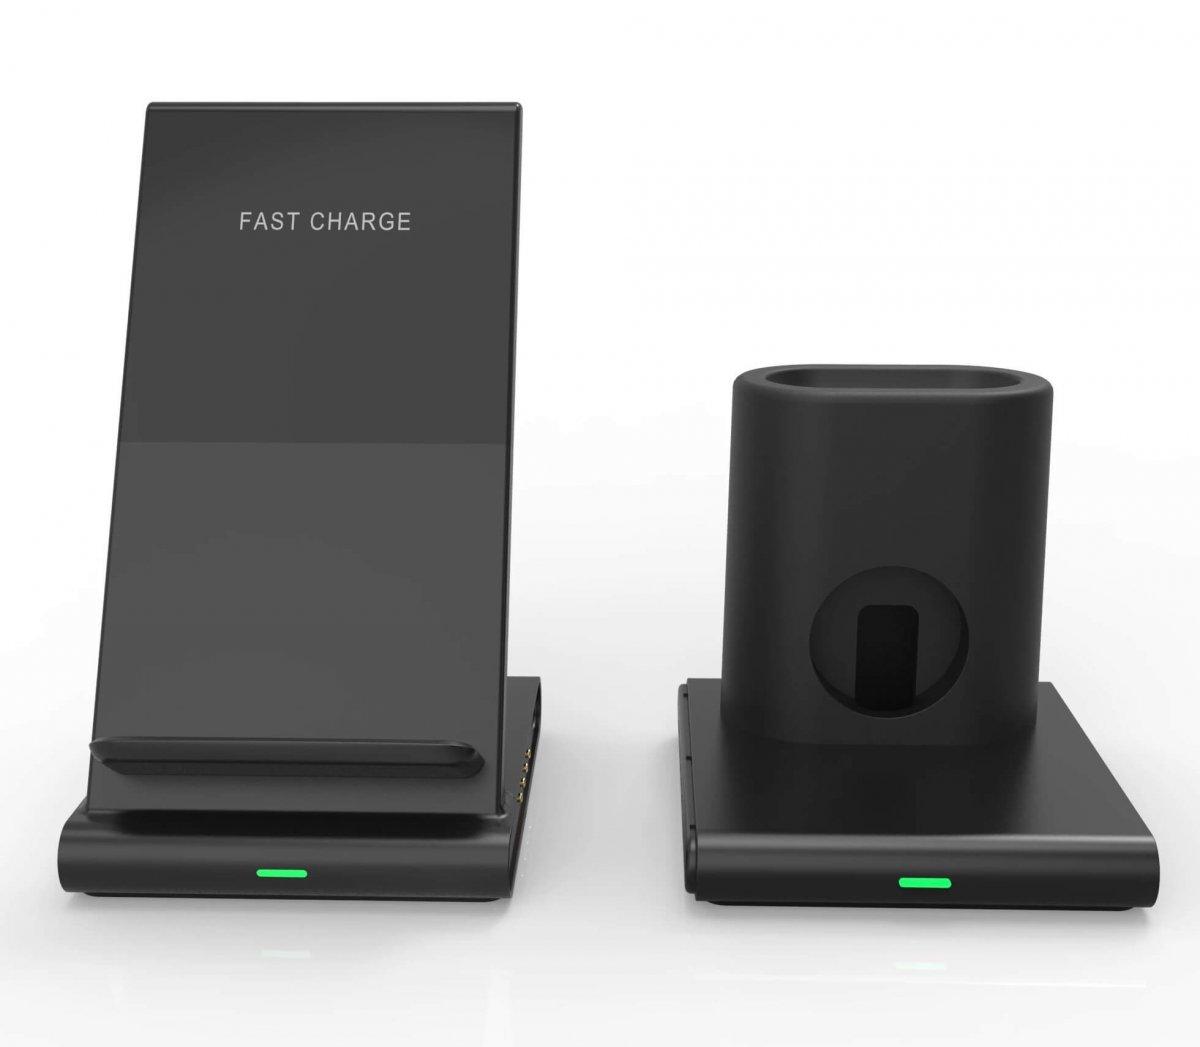 De bästa trådlösa laddare till iPhone X, Samsung Galaxy S9